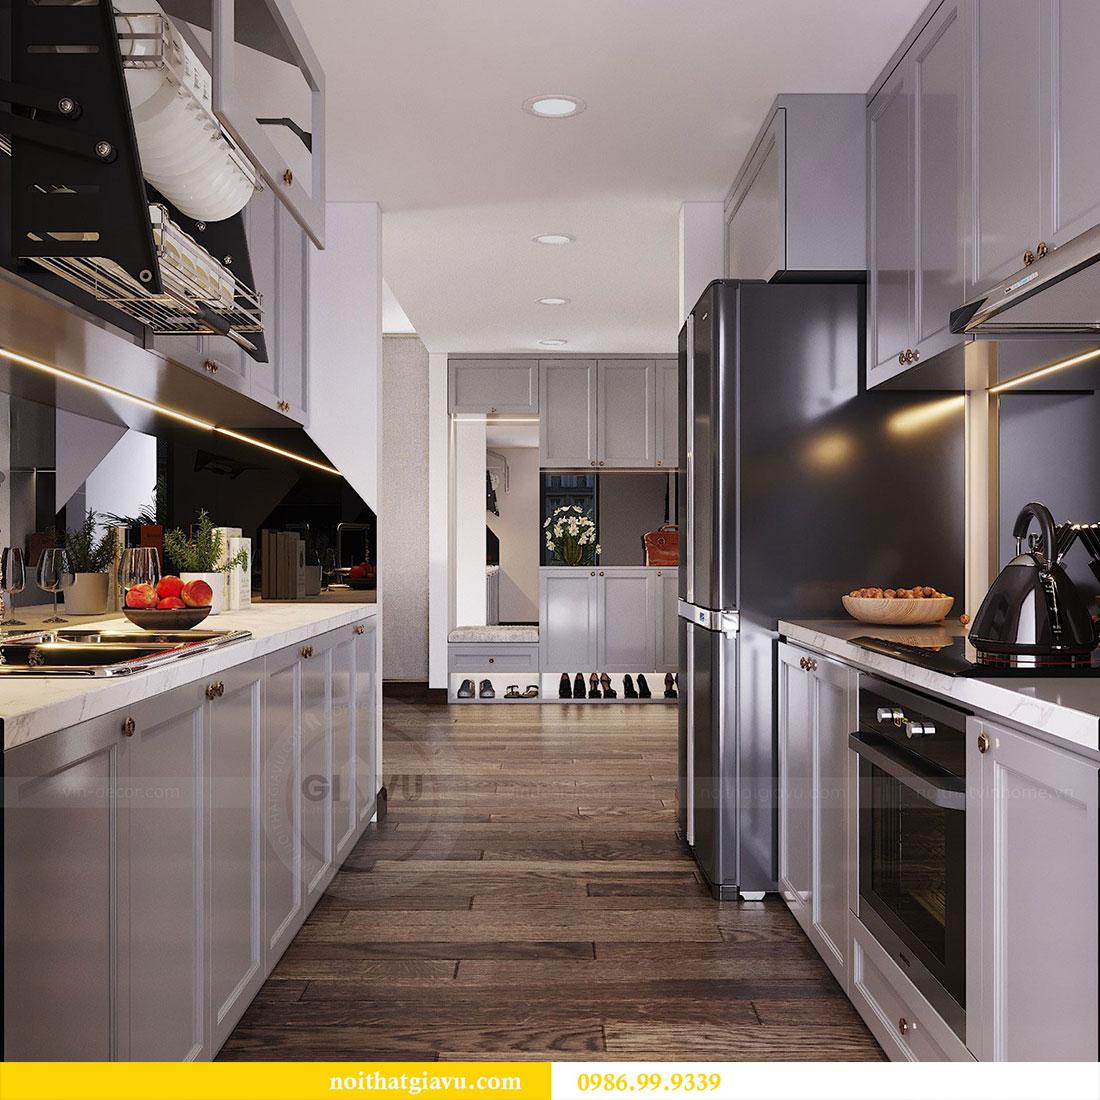 Thiết kế nội thất chung cư Sun Grand City căn 08 tòa C1 - chị Thoa 5